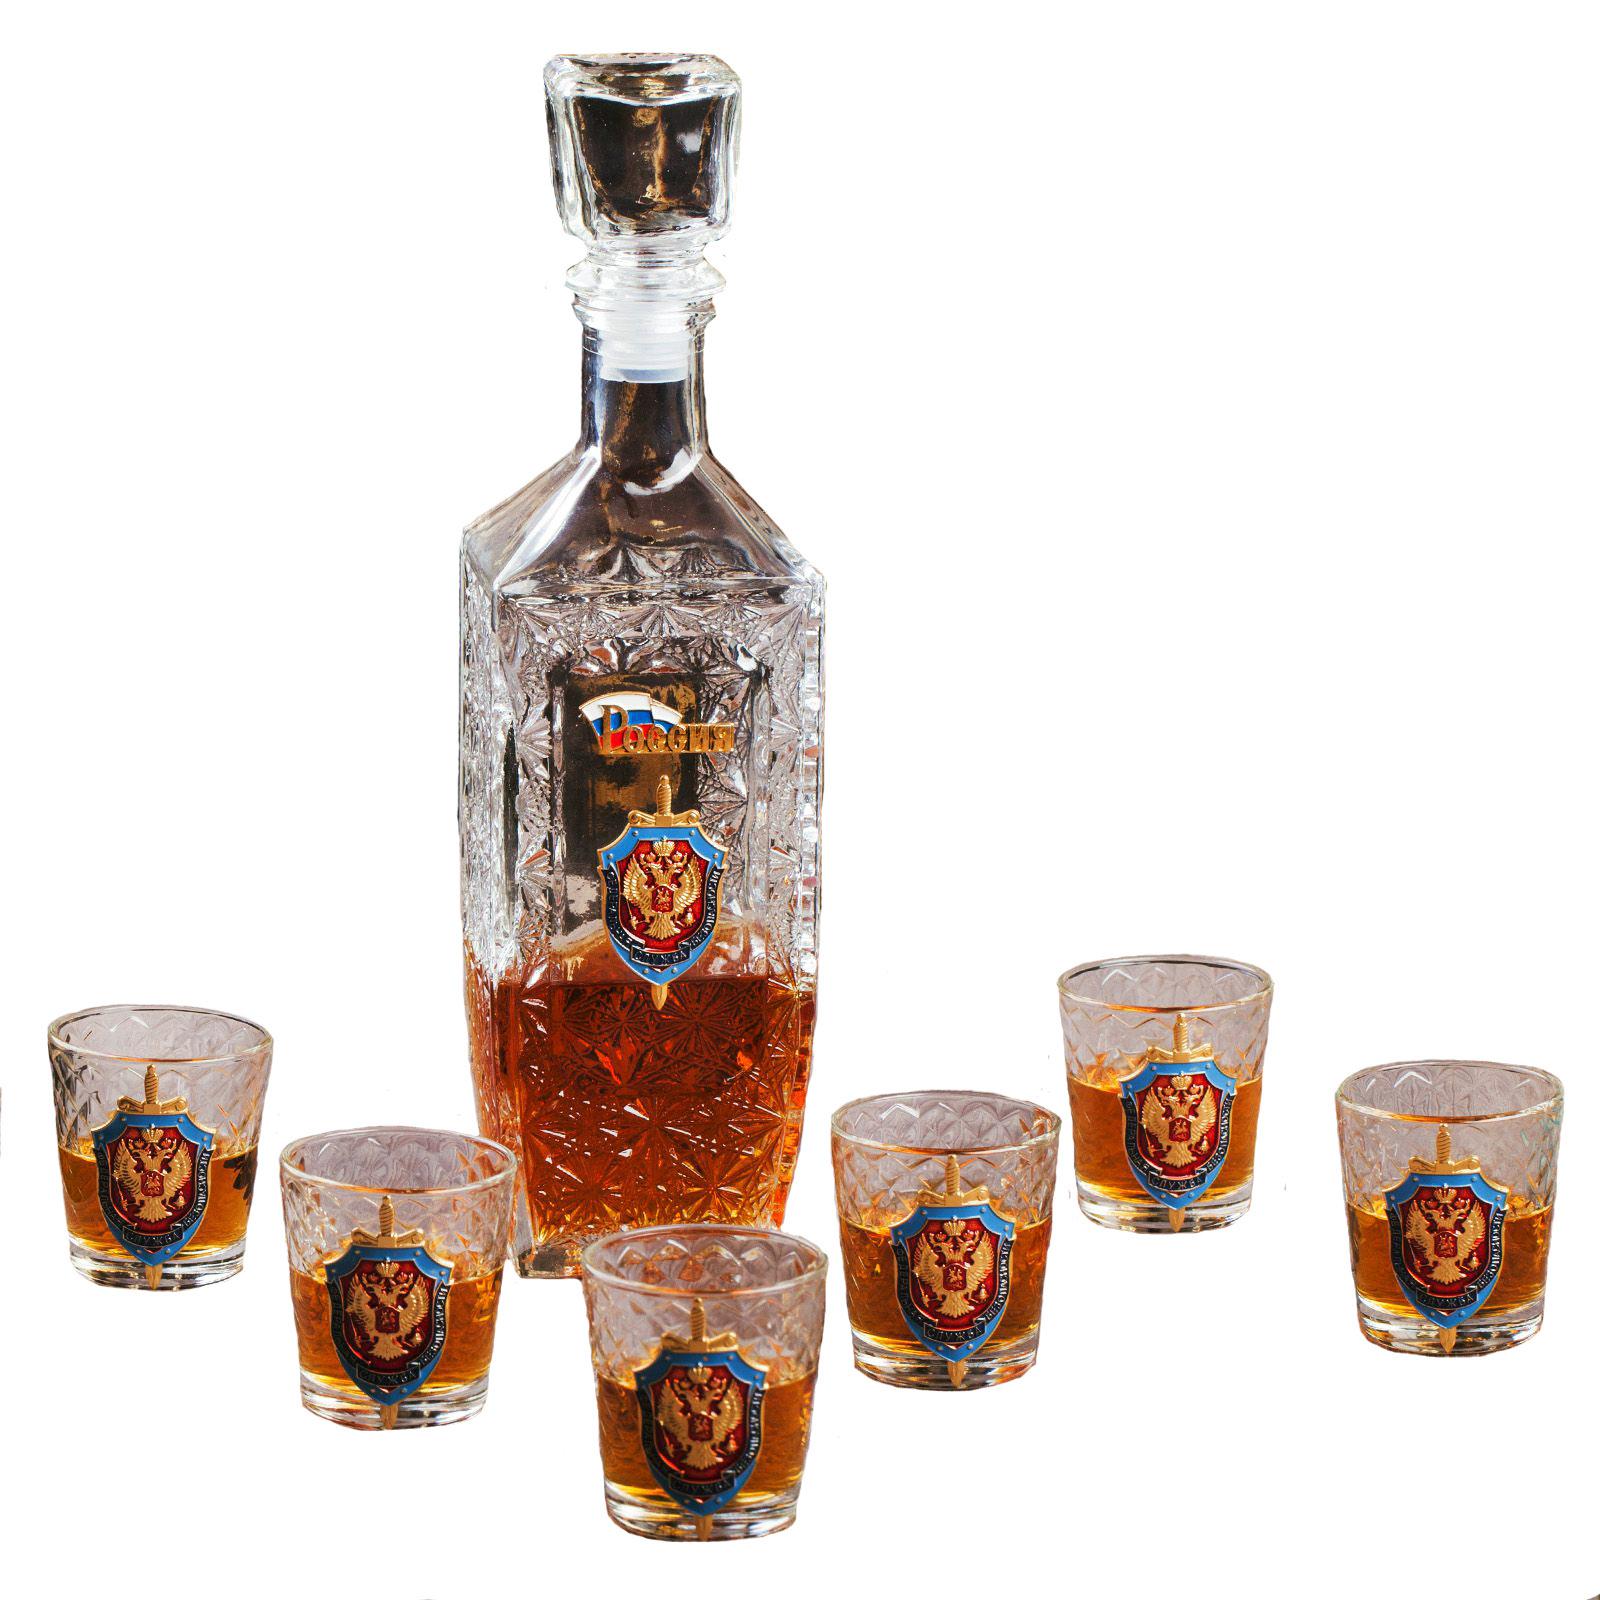 Купить наборы для алкоголя в Калининграде